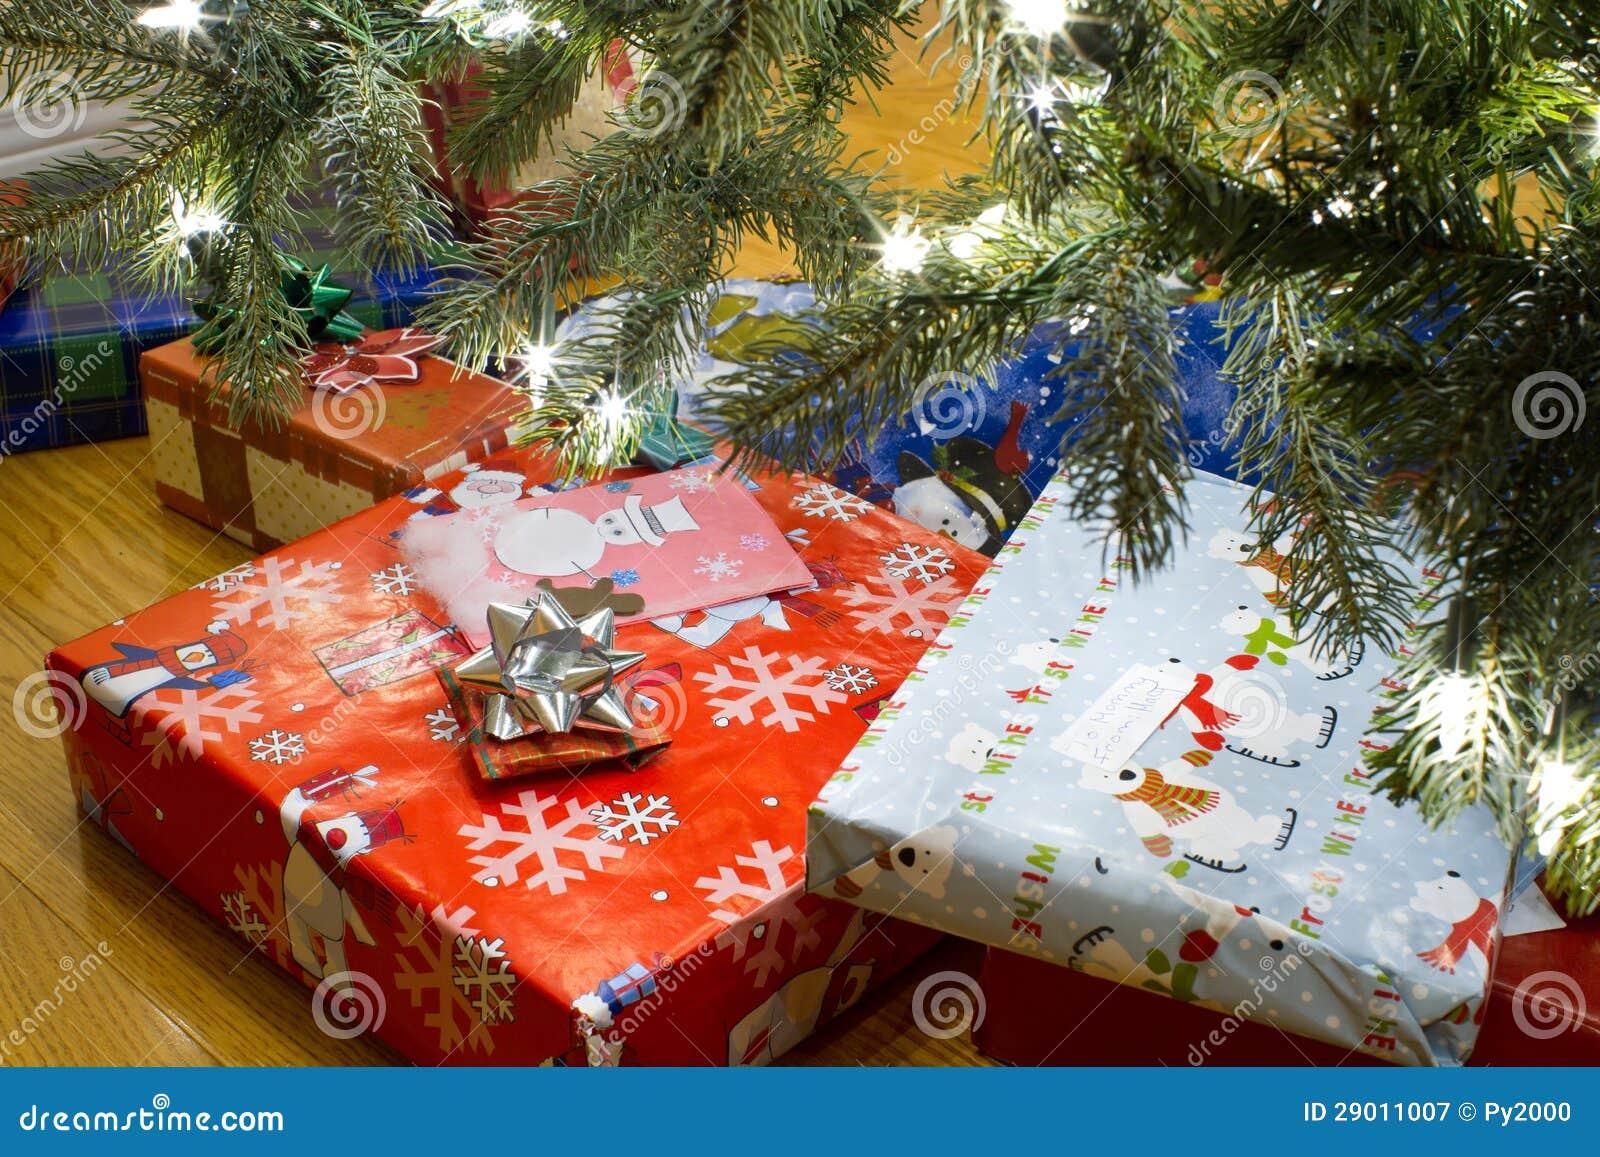 Подарки под рождественской елкой